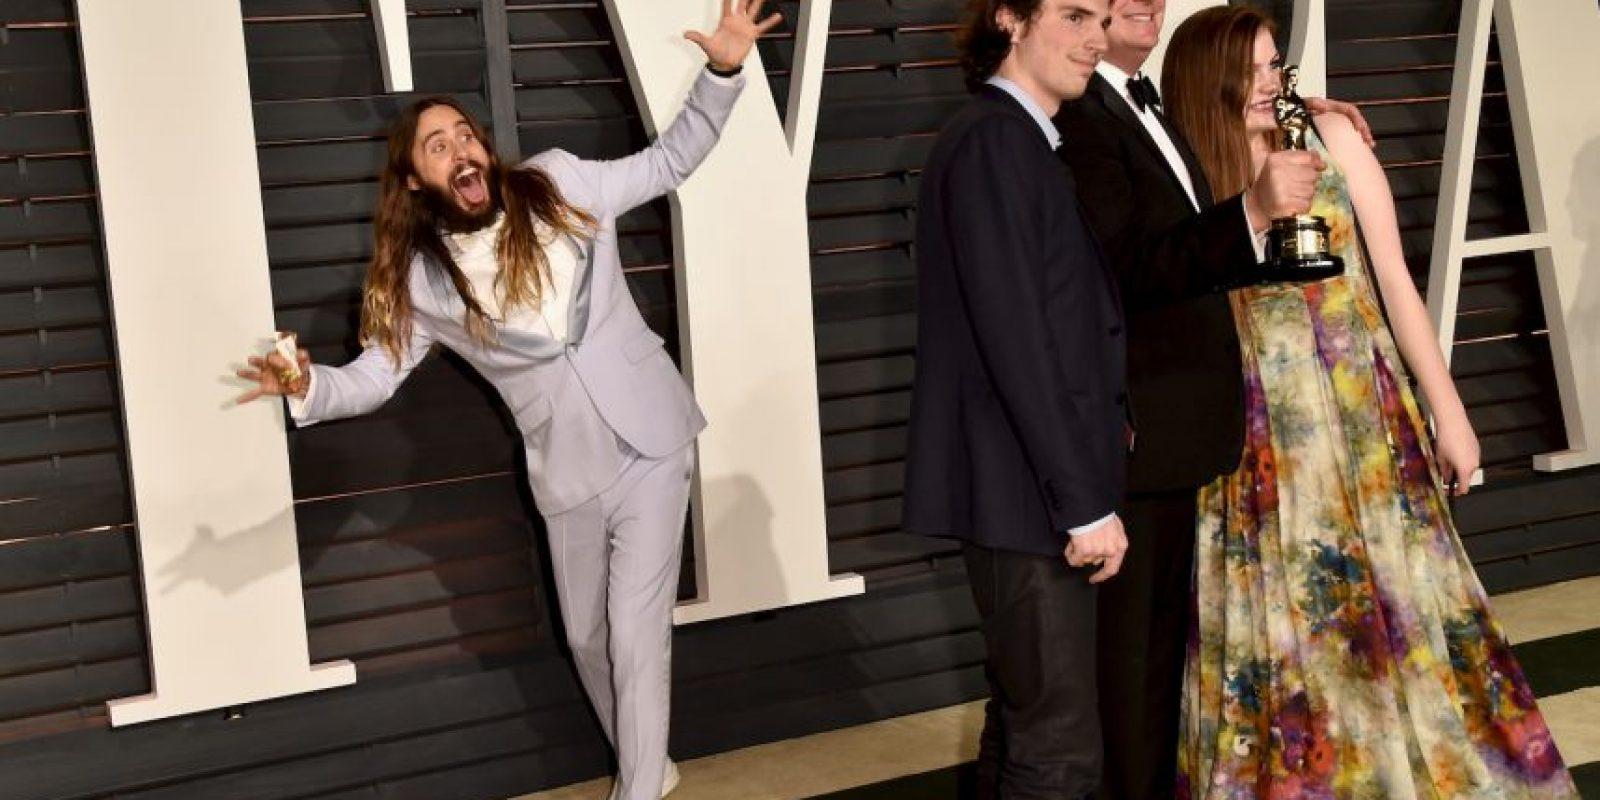 Acción de moverse dentro de una fotografía, de manera graciosa o como una broma. Foto:Getty Images